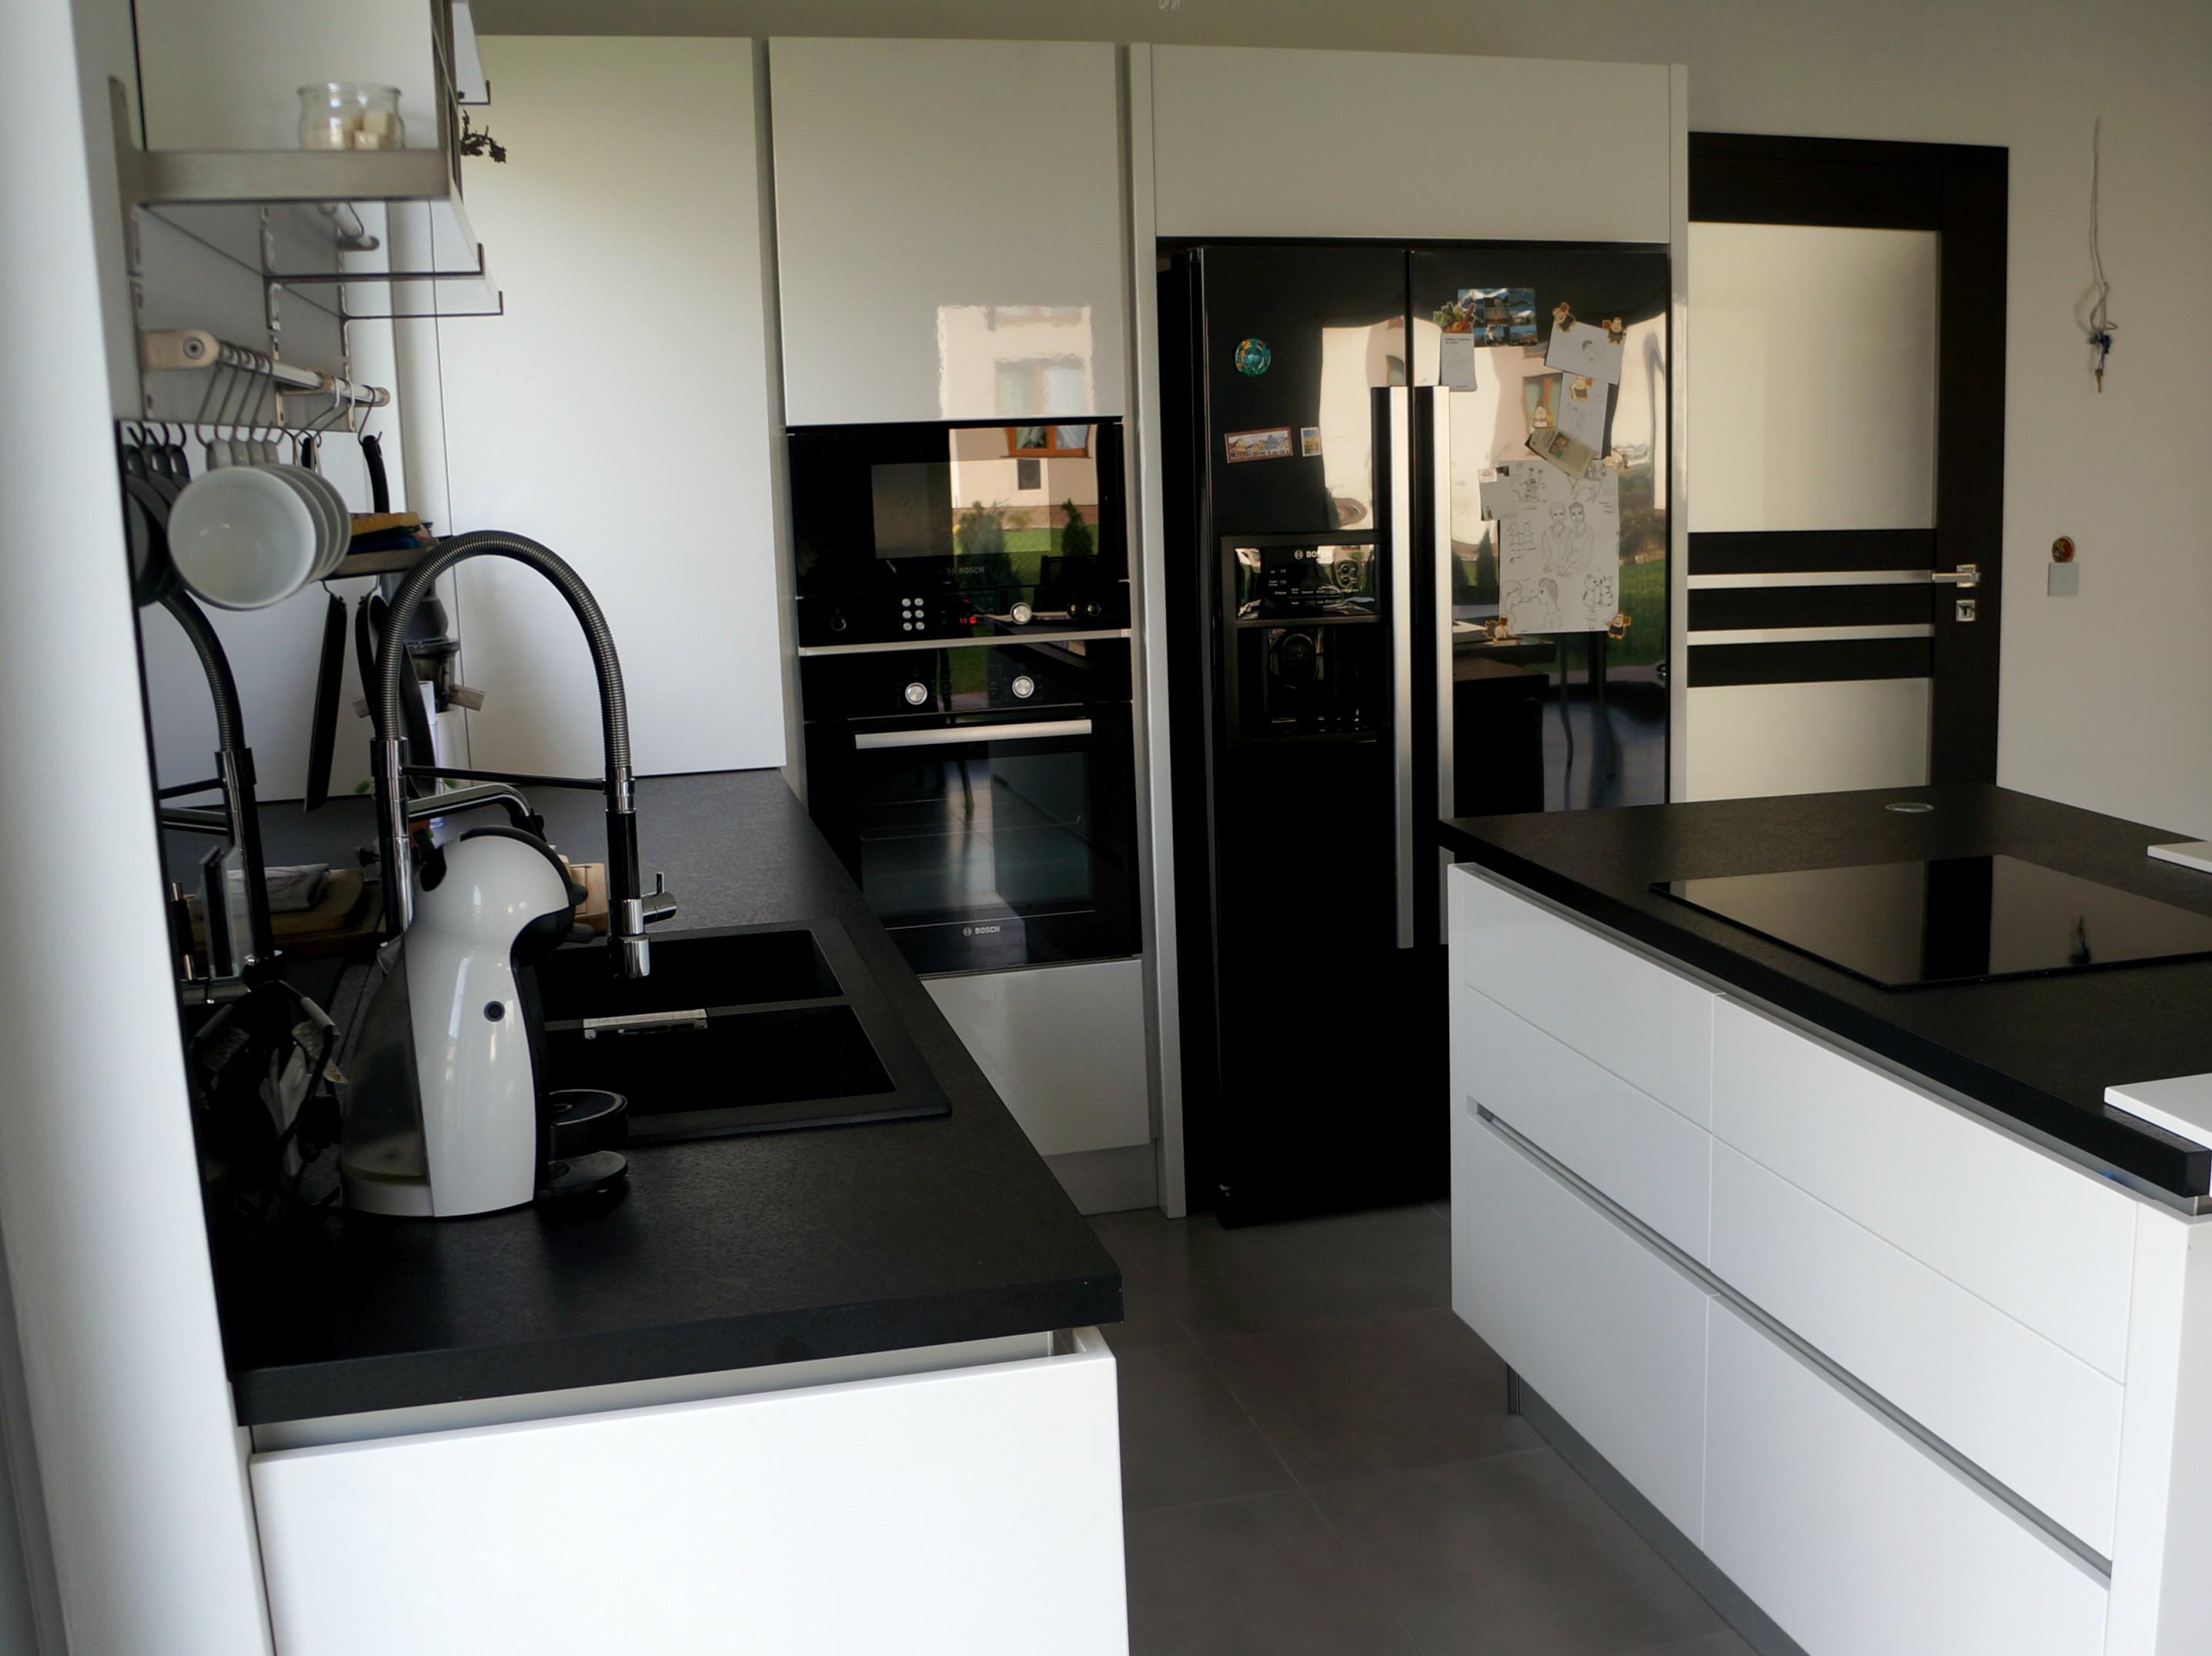 Biało czarna kuchnia  tak mieszkam  Projekt Dom -> Kuchnia Bialo Czarna Z Drewnianym Blatem